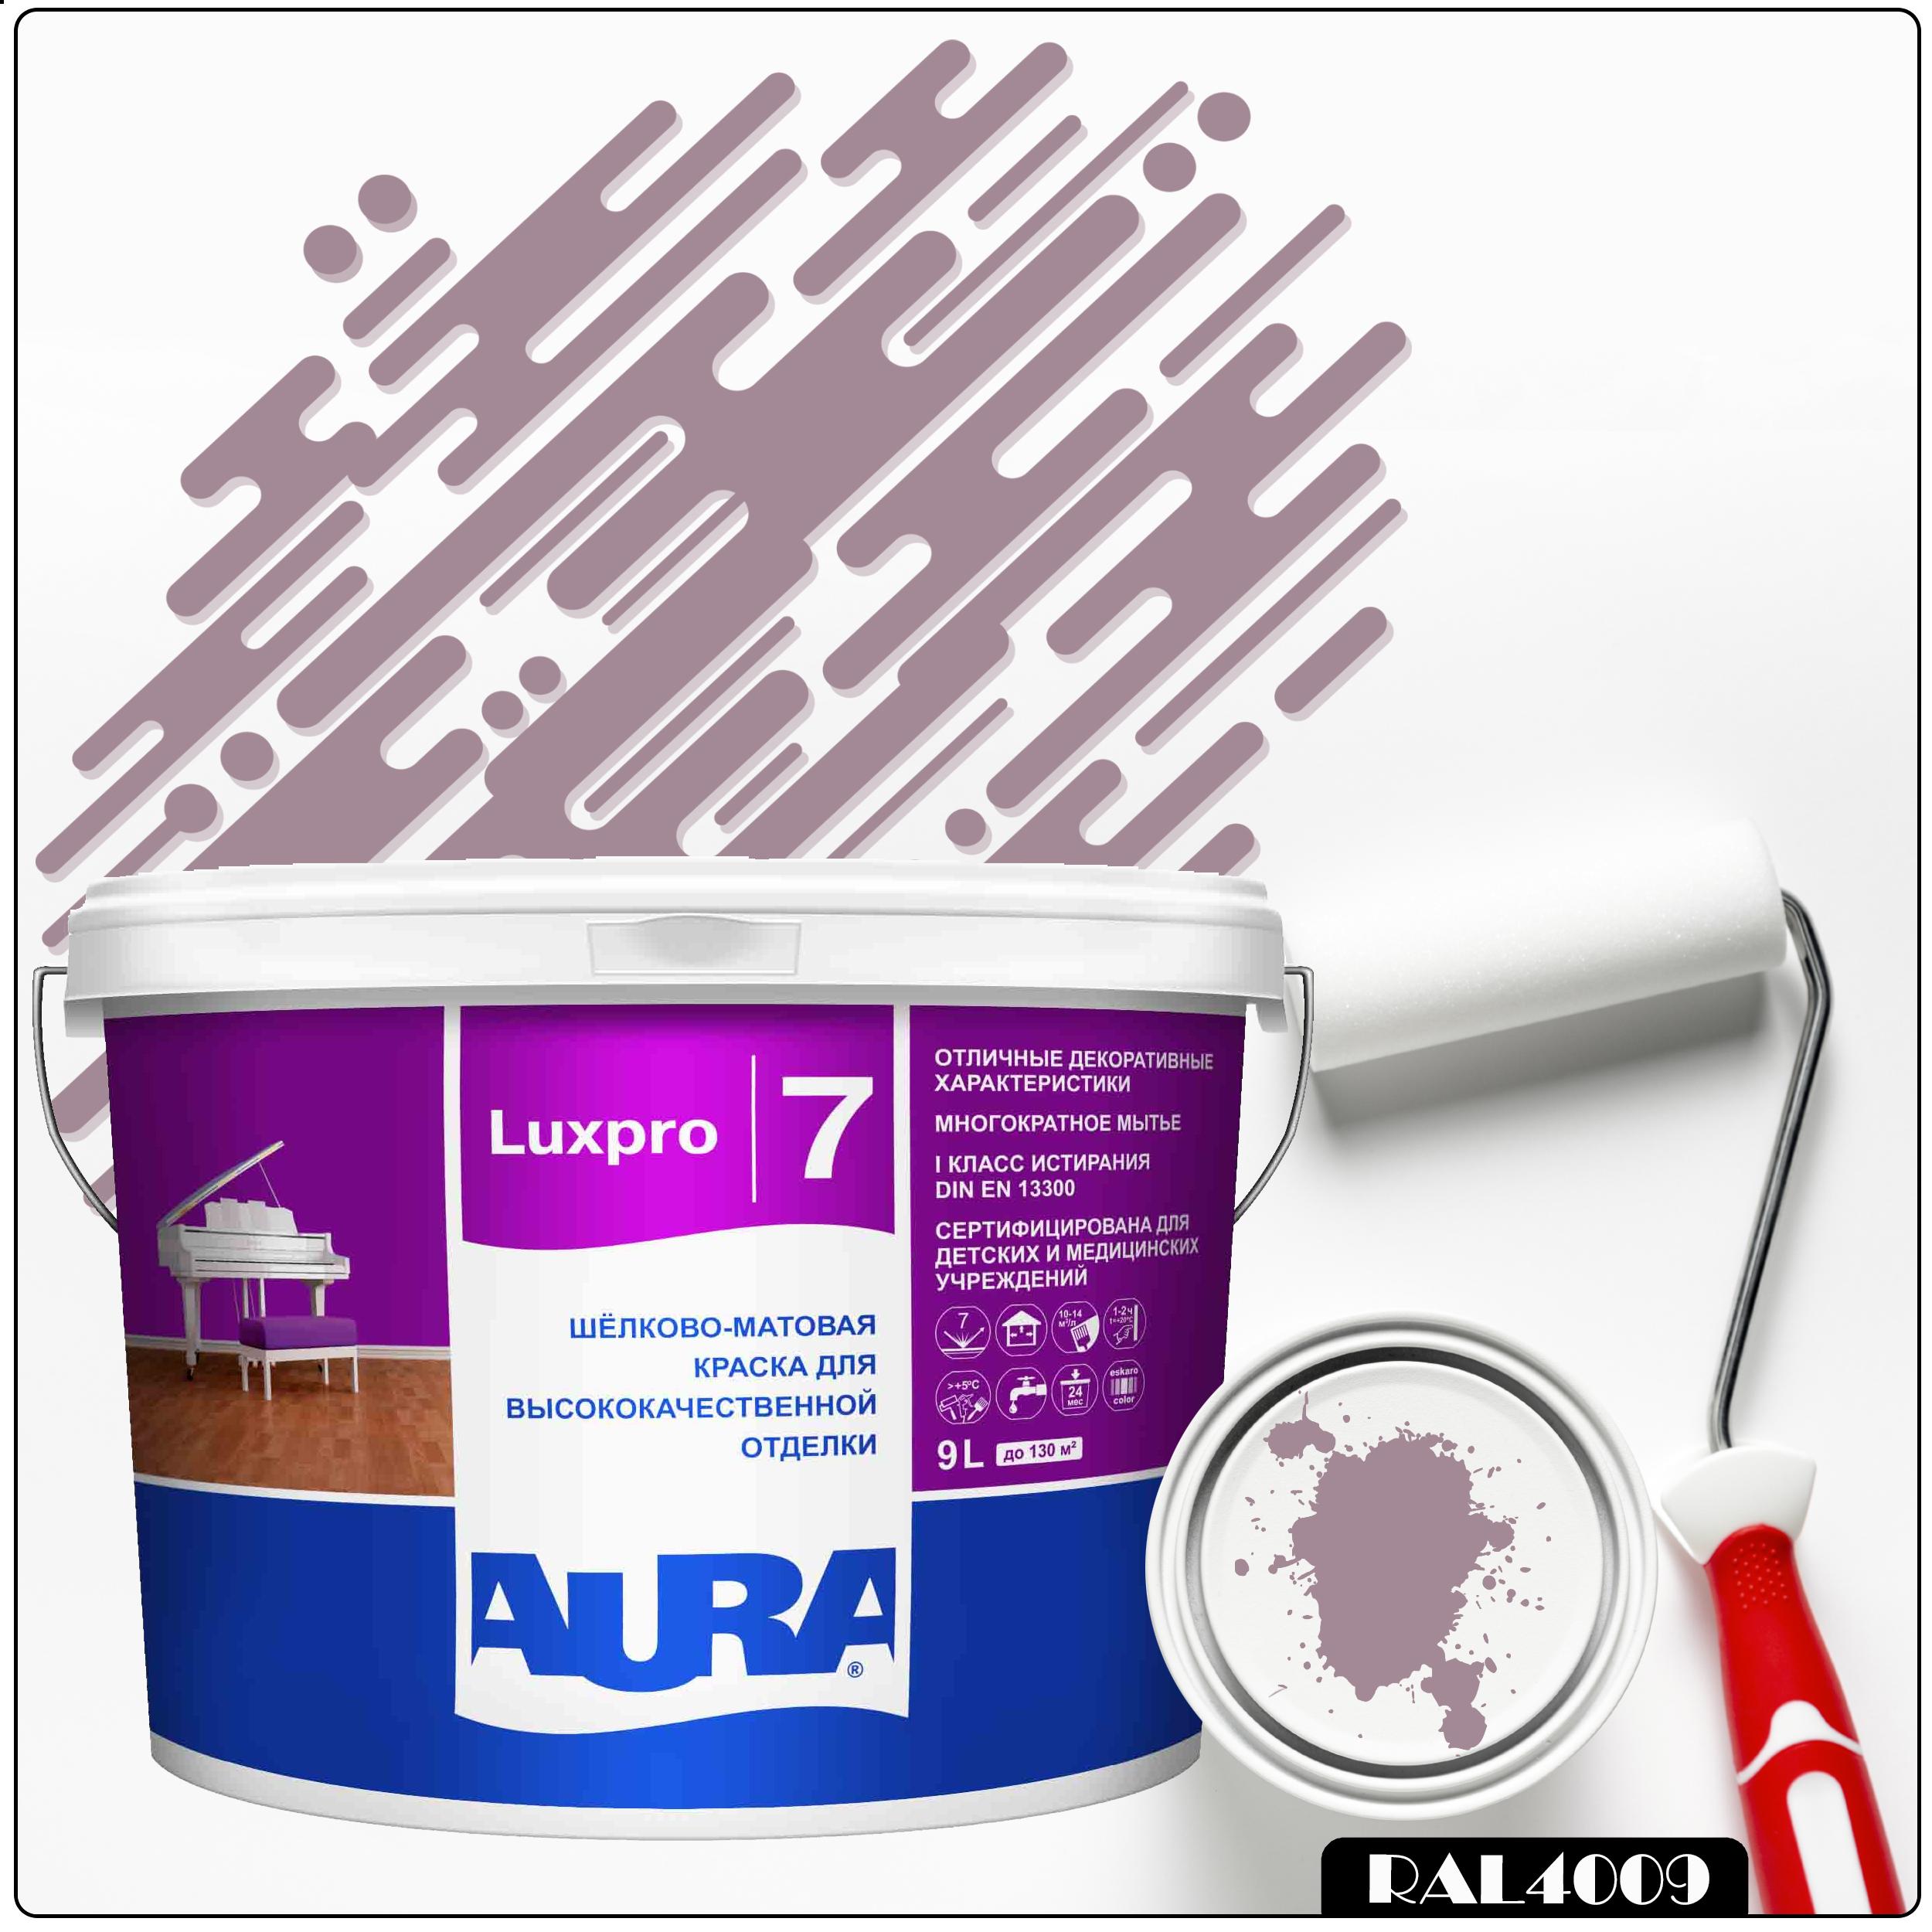 Фото 9 - Краска Aura LuxPRO 7, RAL 4009 Пастельно-фиолетовый, латексная, шелково-матовая, интерьерная, 9л, Аура.